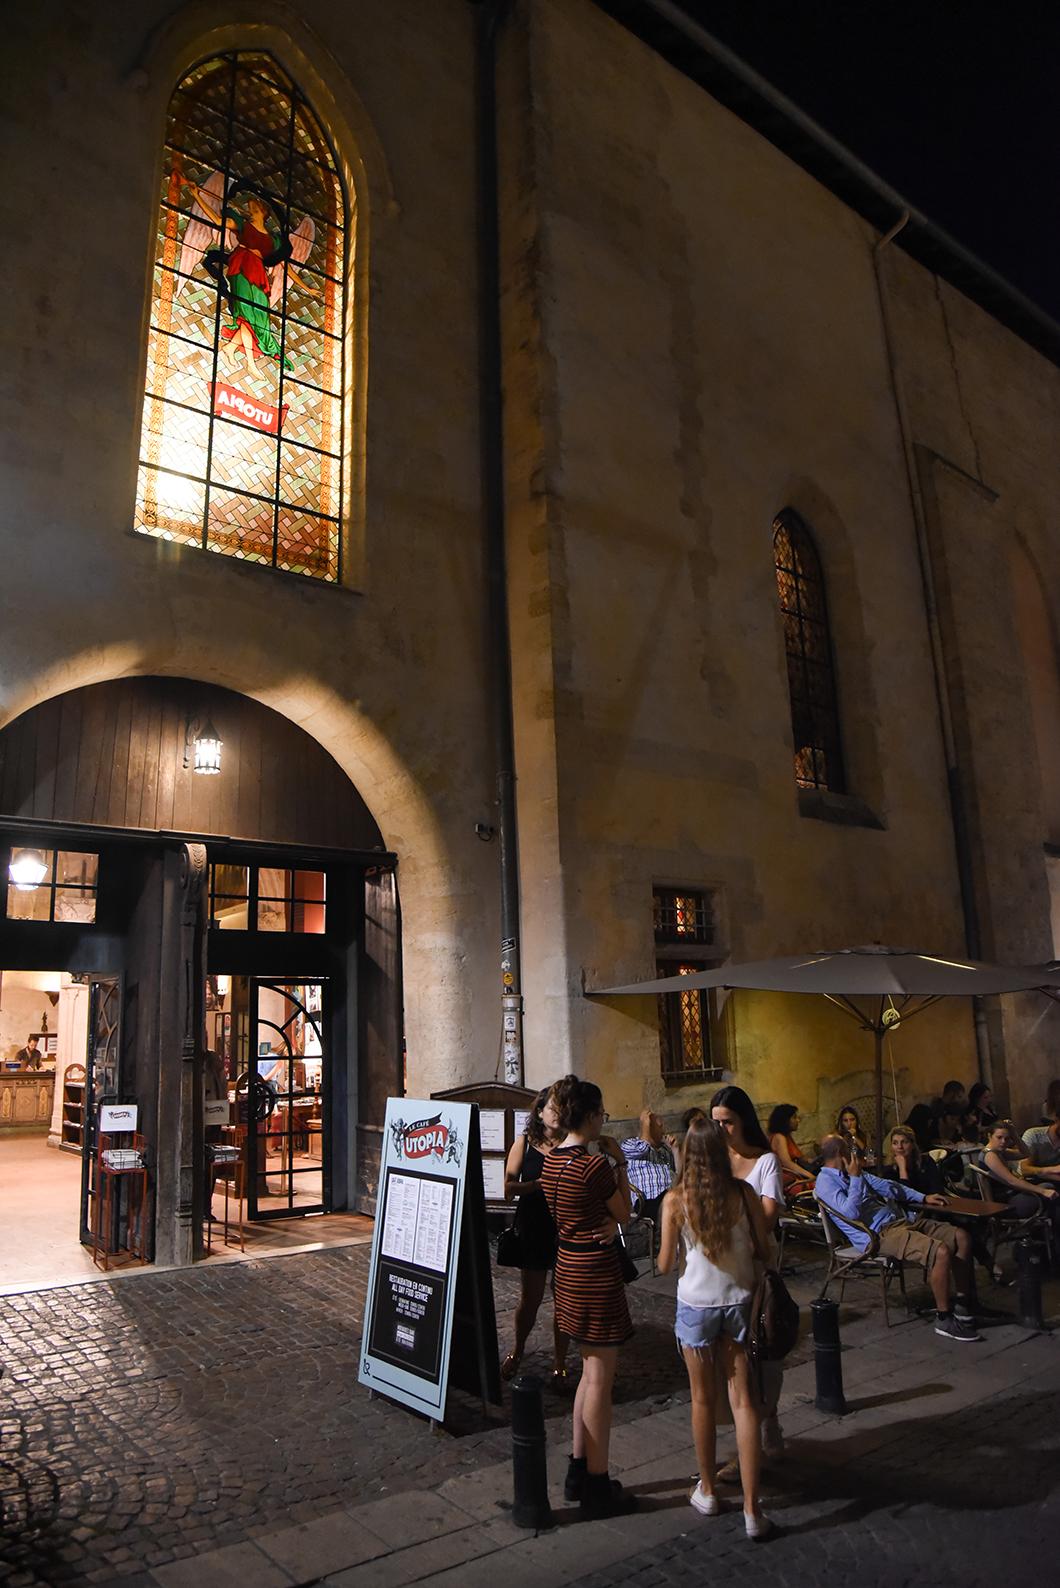 Endroit insolite à Bordeaux, le cinéma installé dans une ancienne église